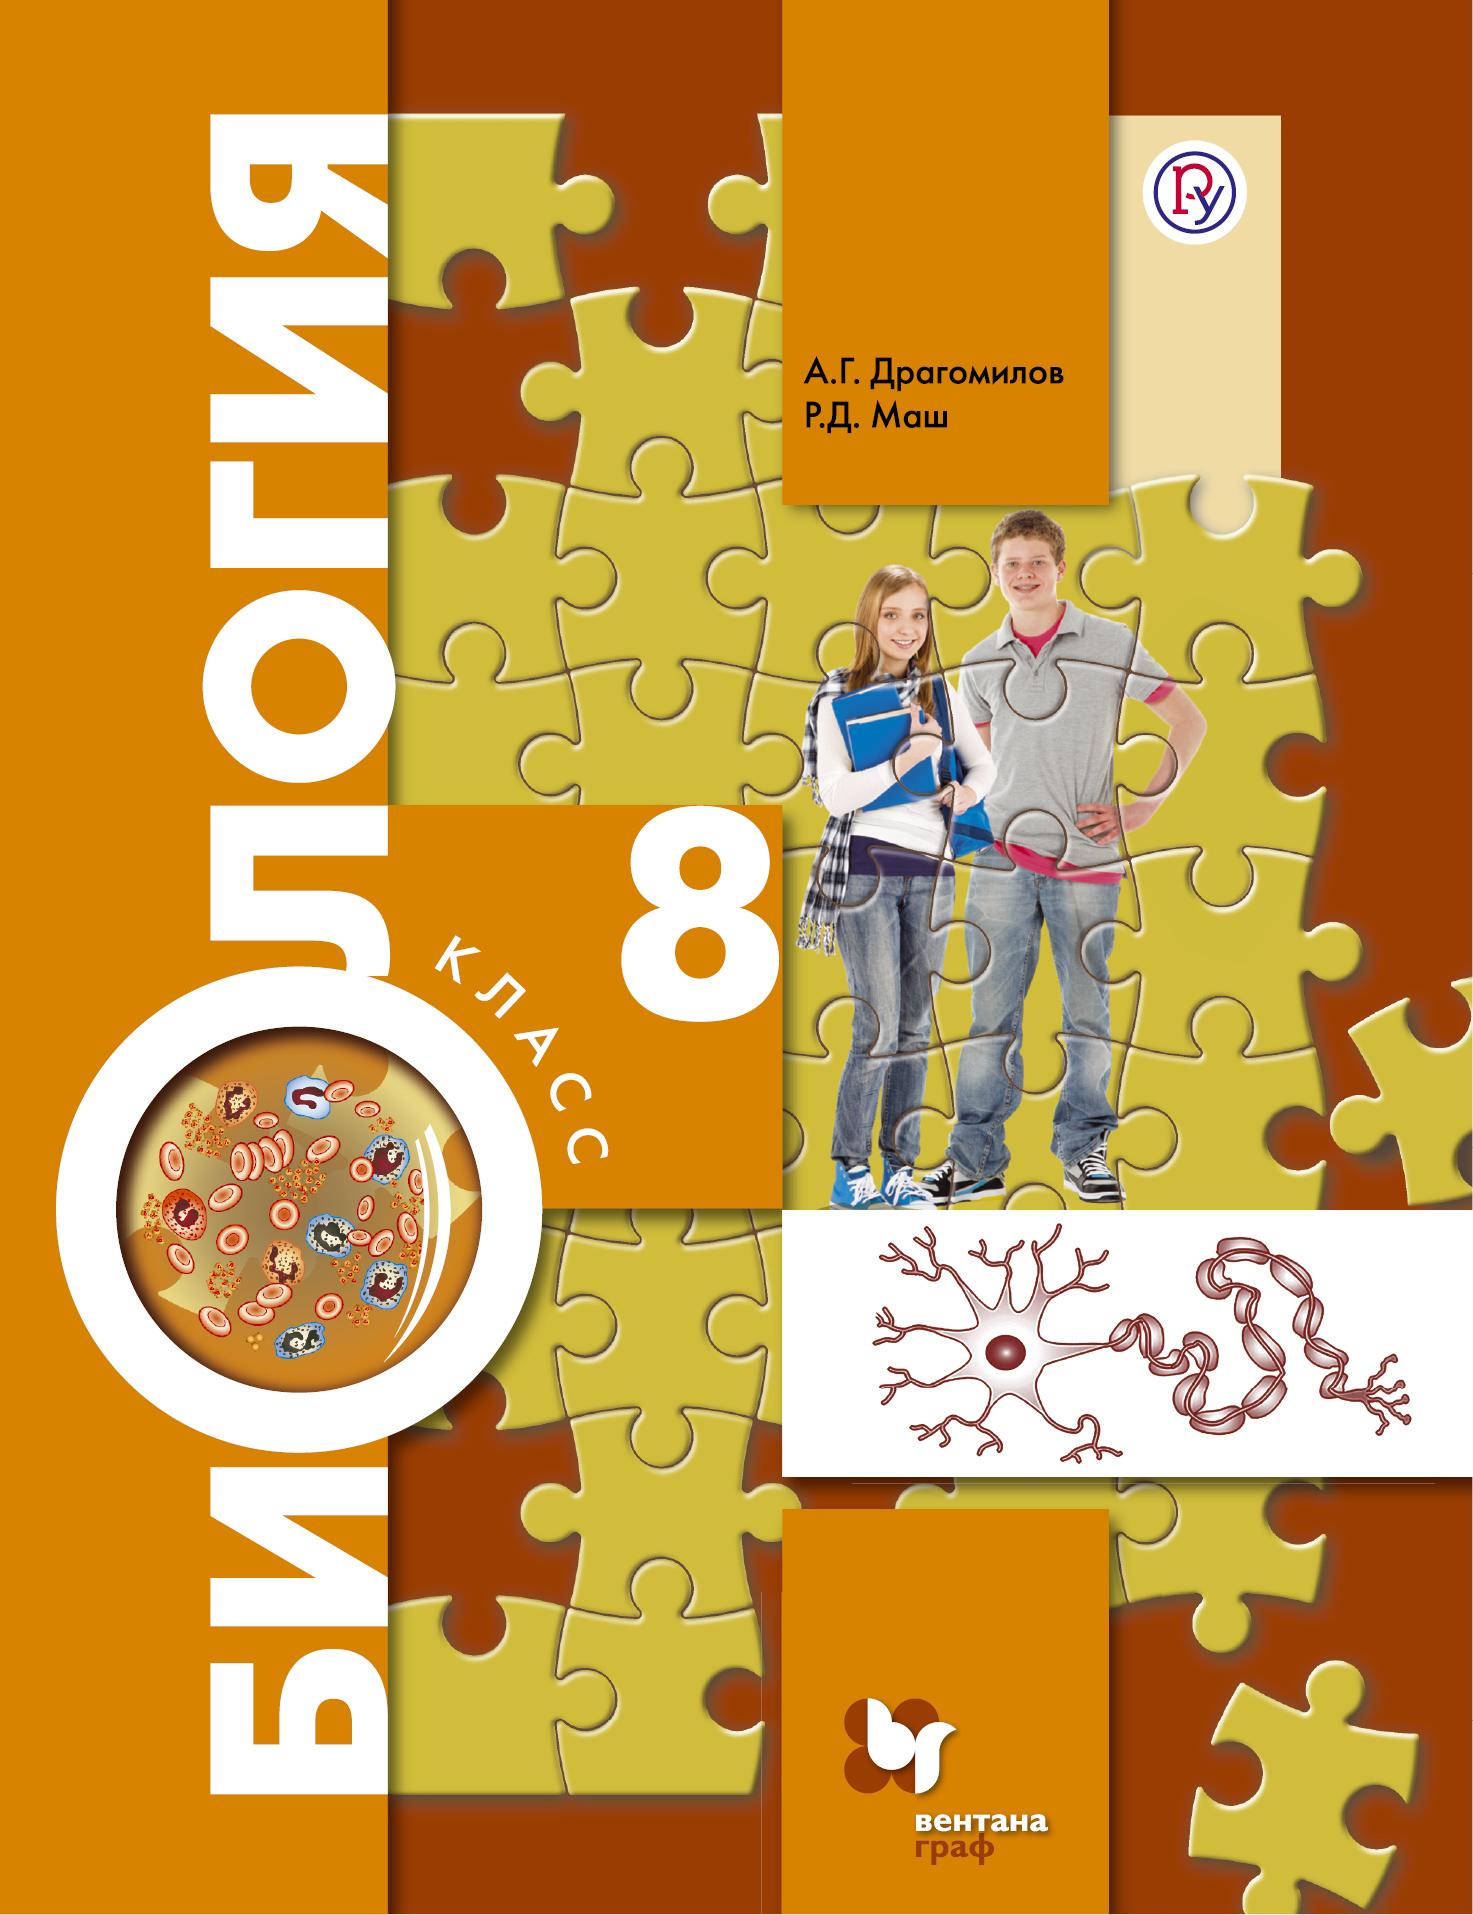 скачать учебник по биологии 8 класс драгомилов маш pdf